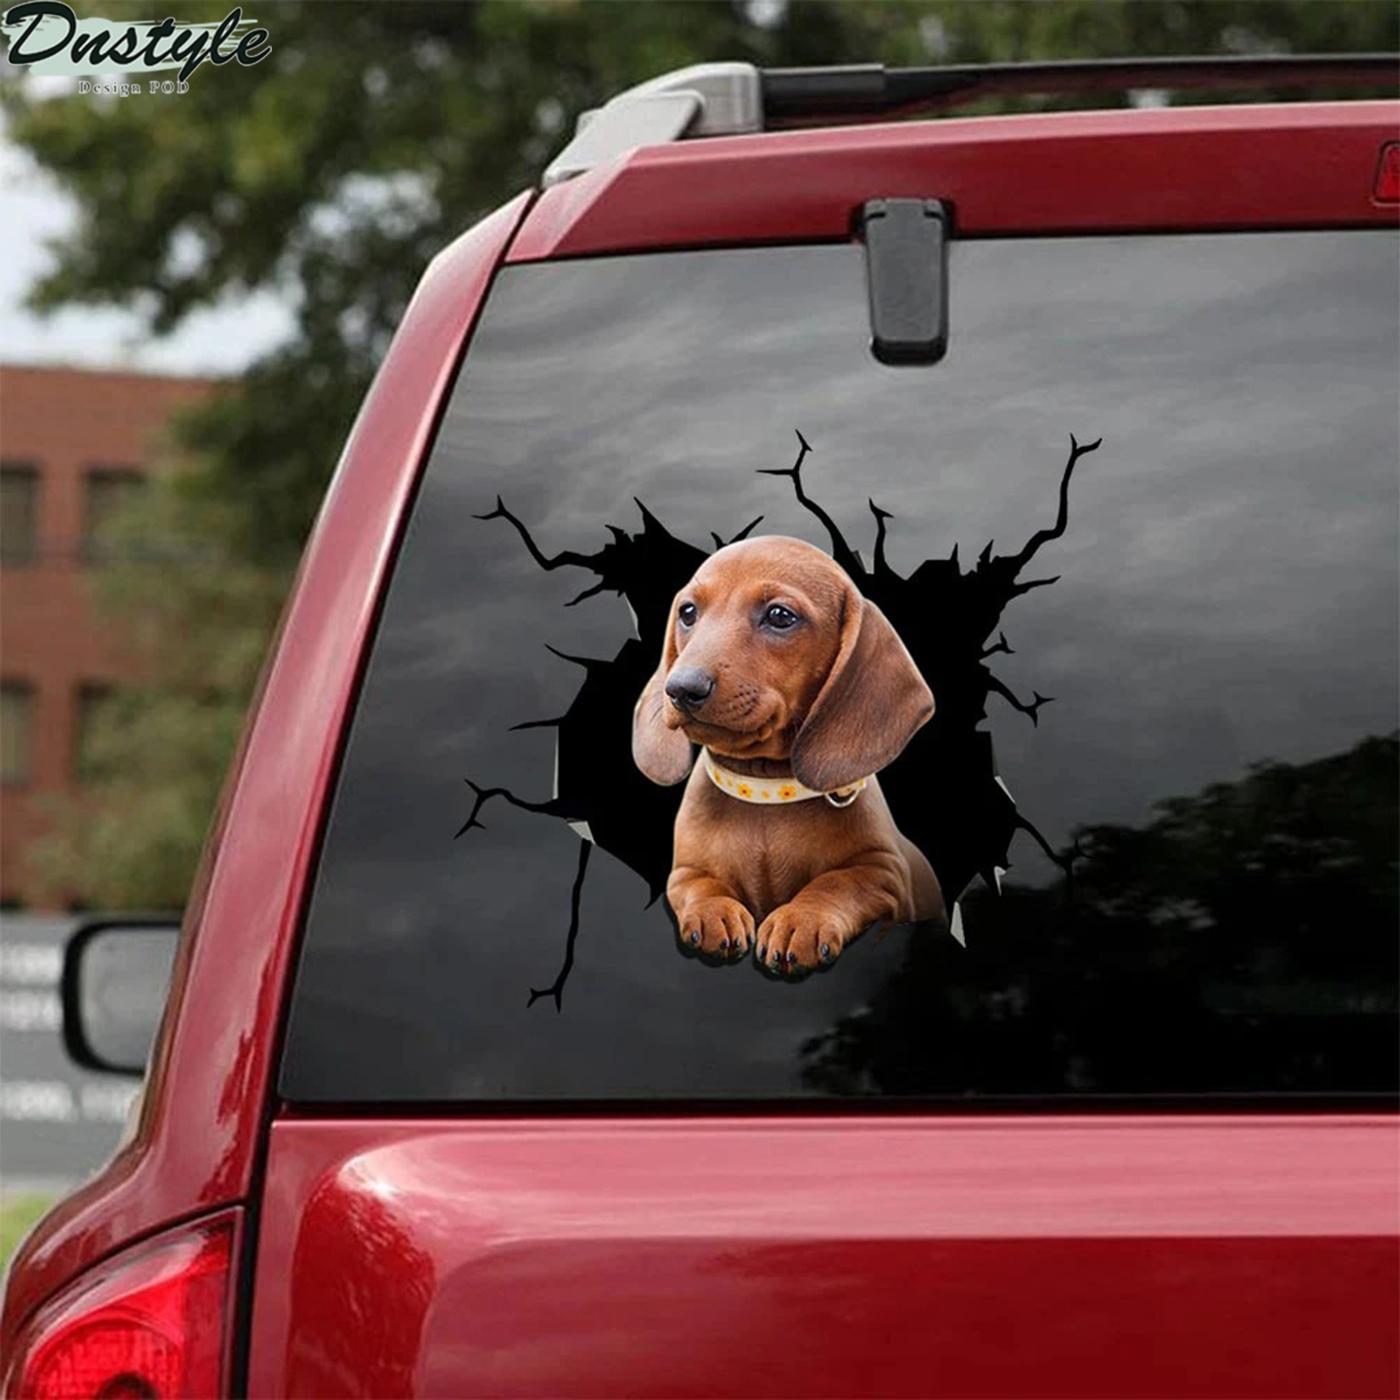 Dachshund crack car decal sticker 2